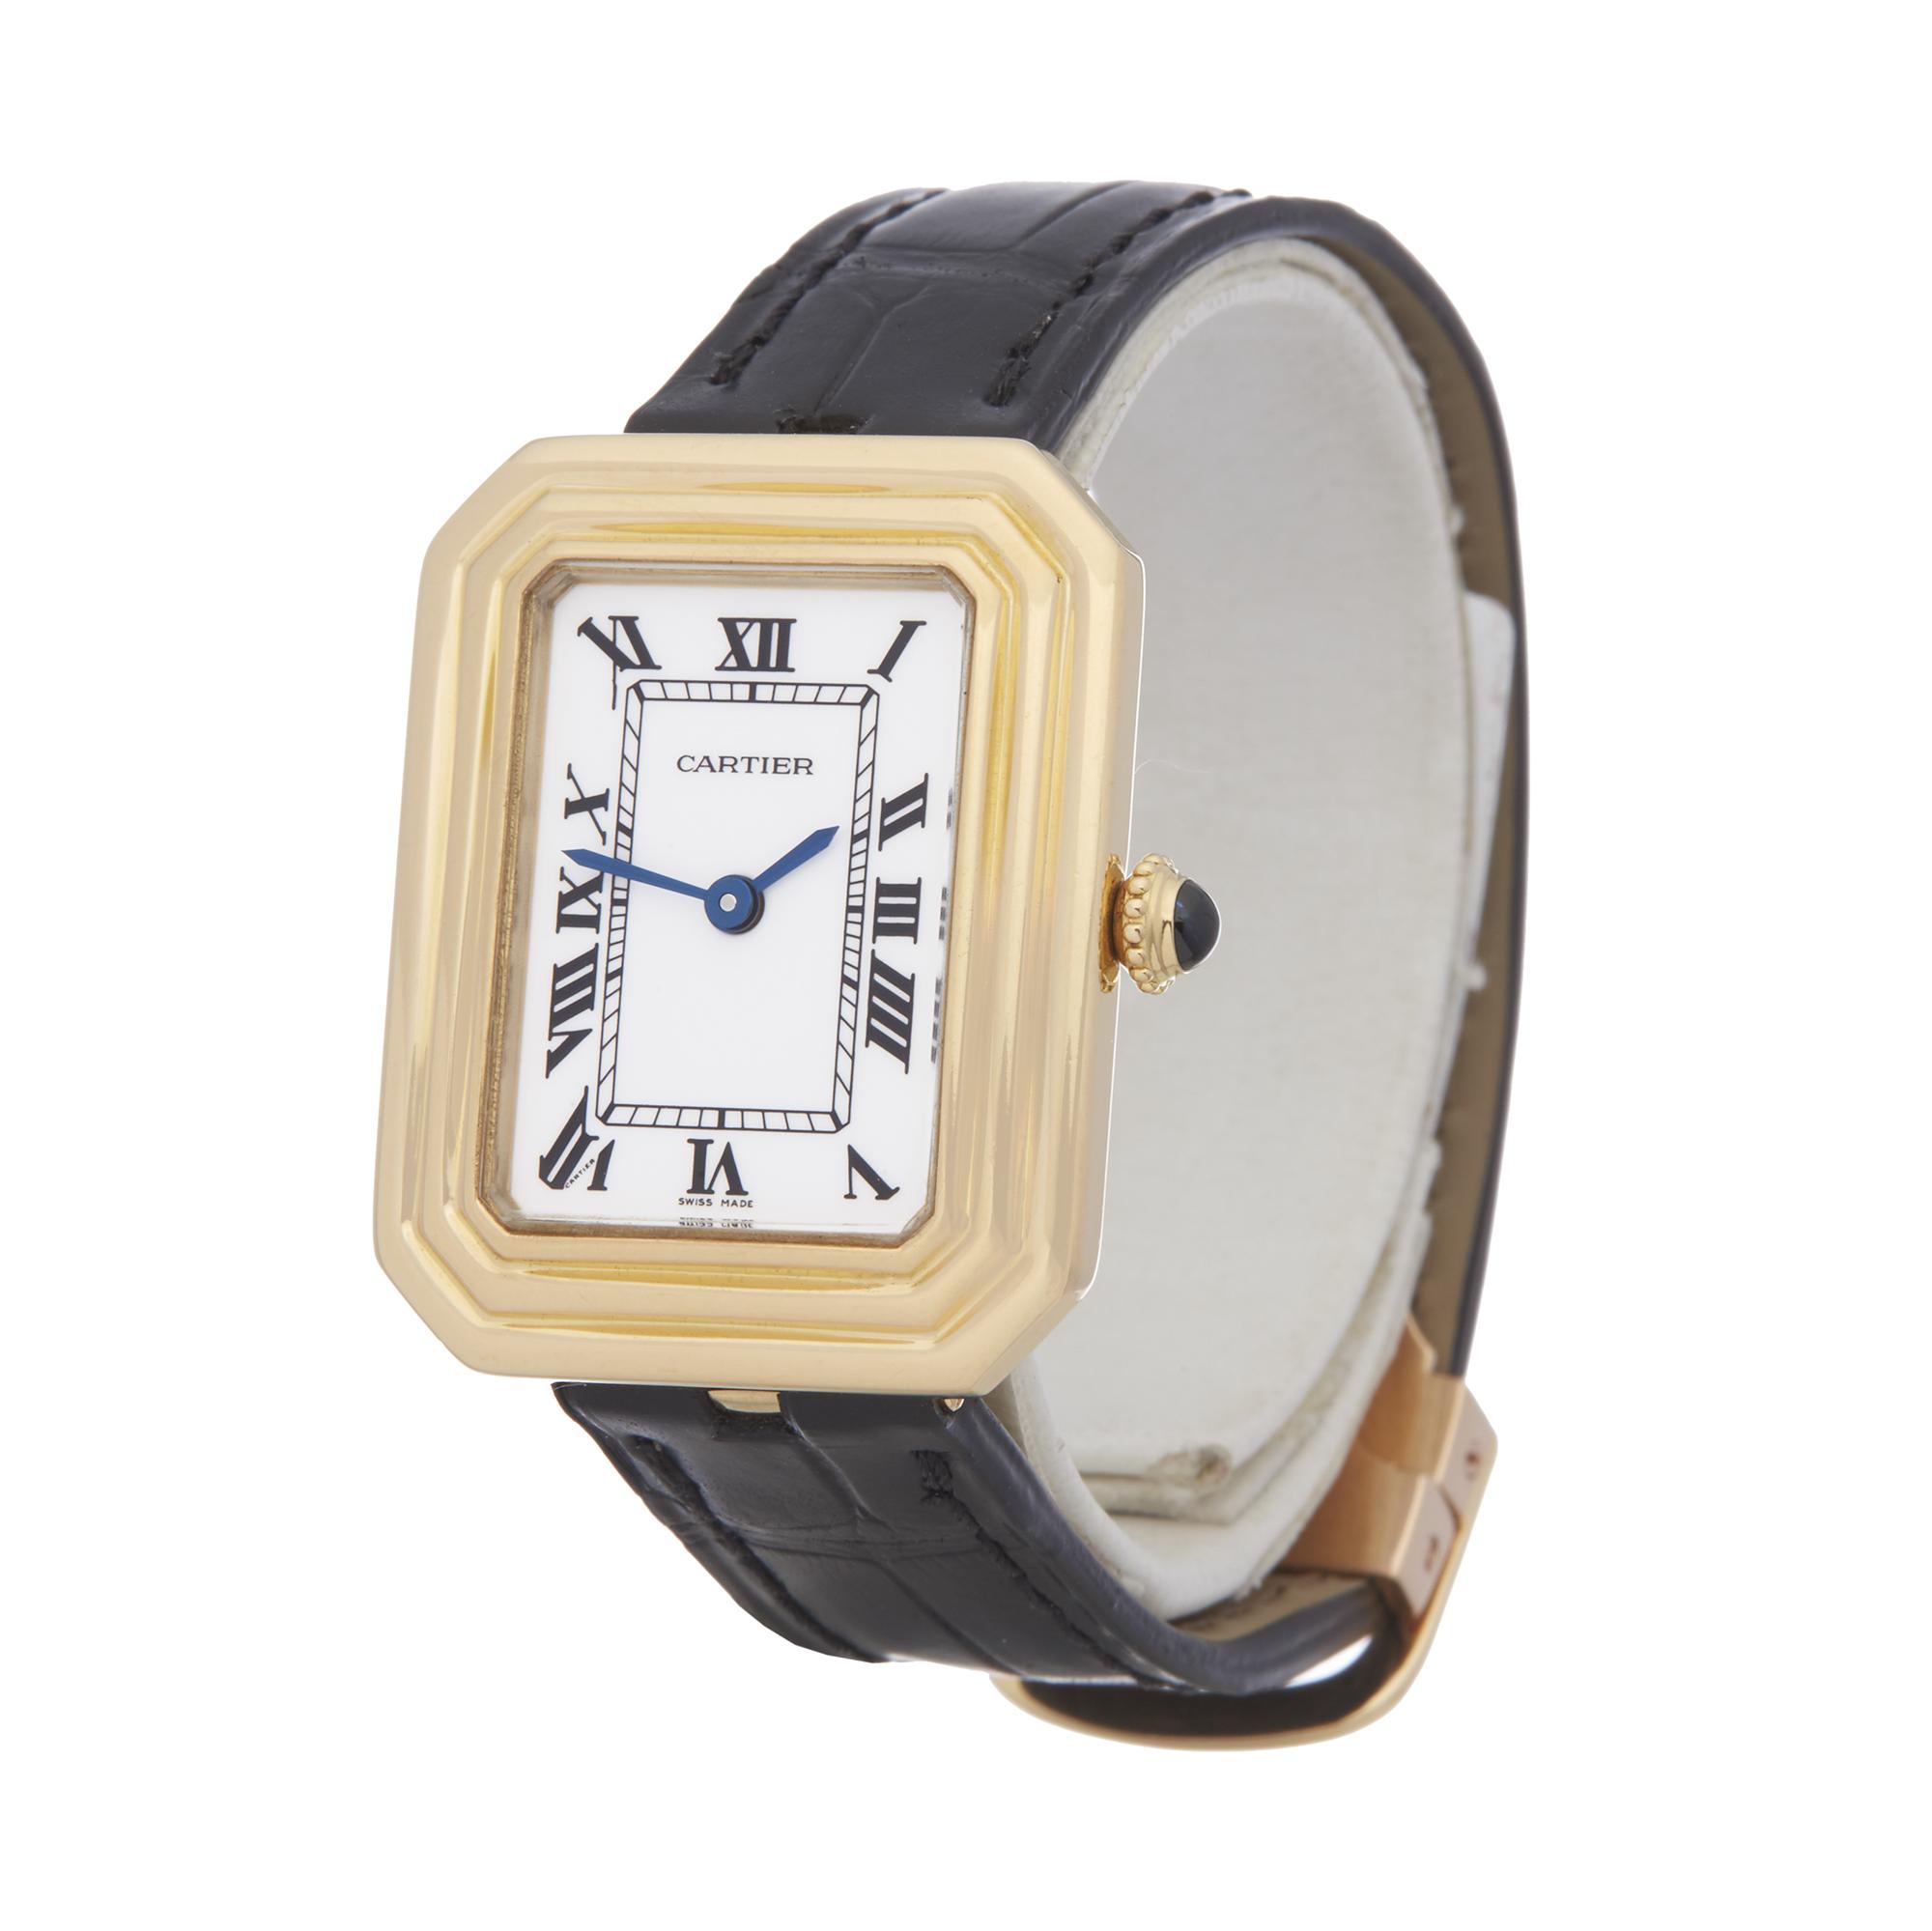 Cartier Cristallor Ladies Yellow Gold Paris Mecanique Watch